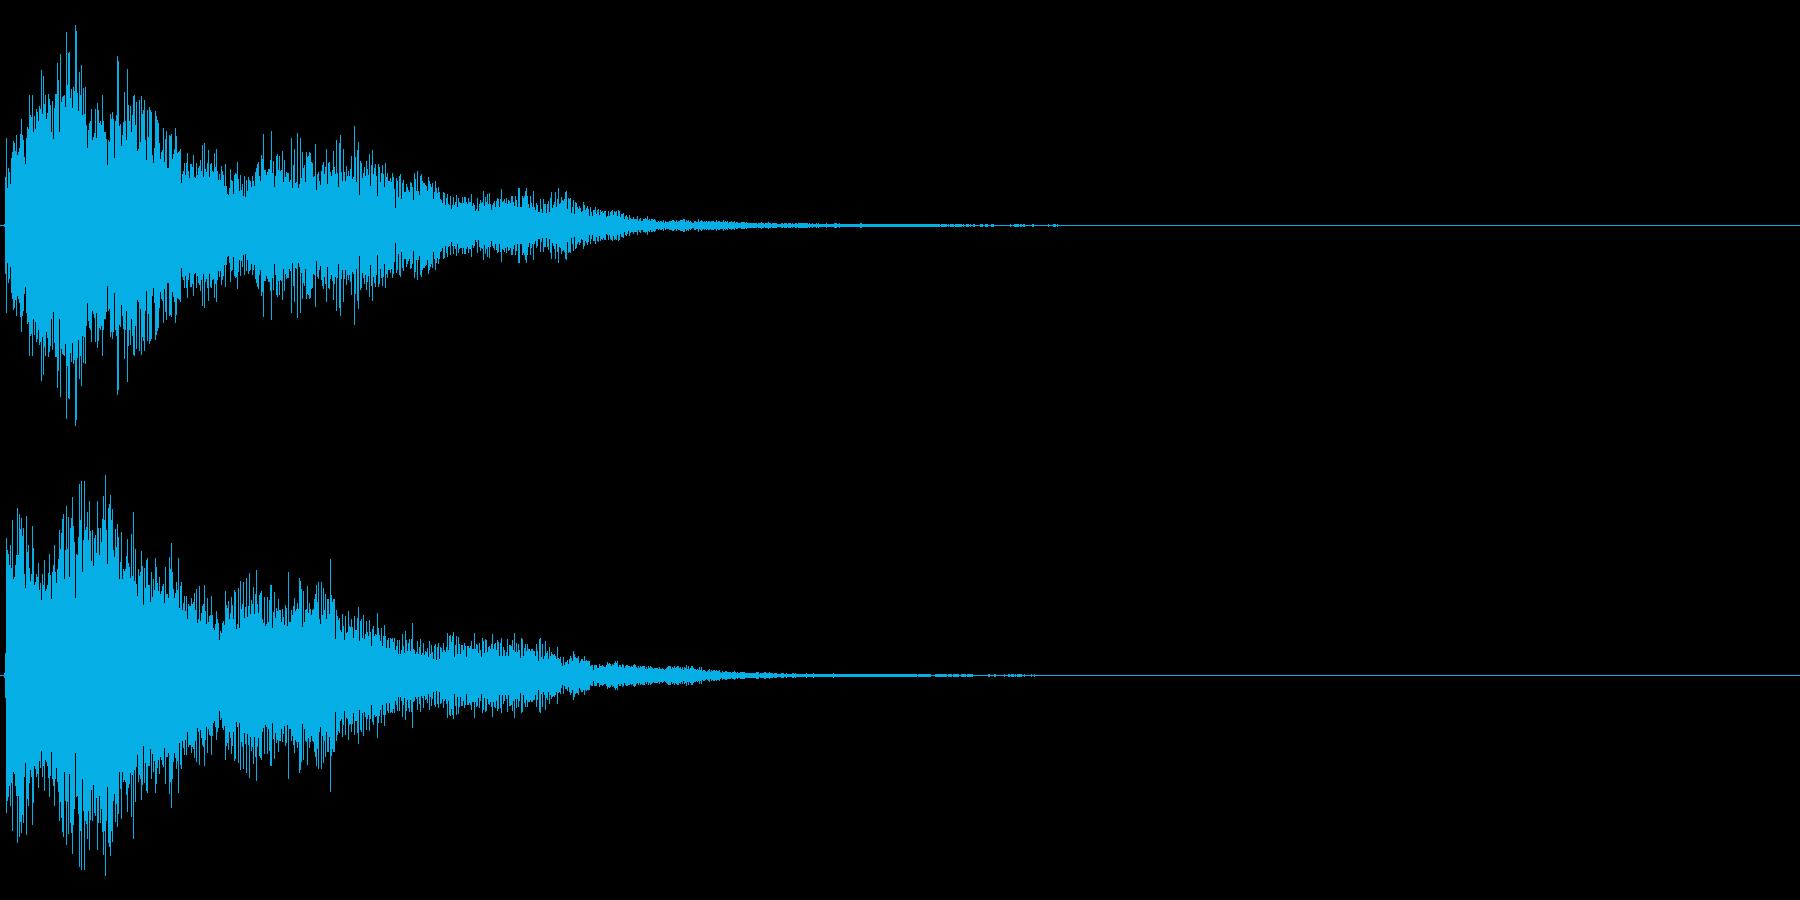 ゲームスタート、決定、ボタン音-065の再生済みの波形